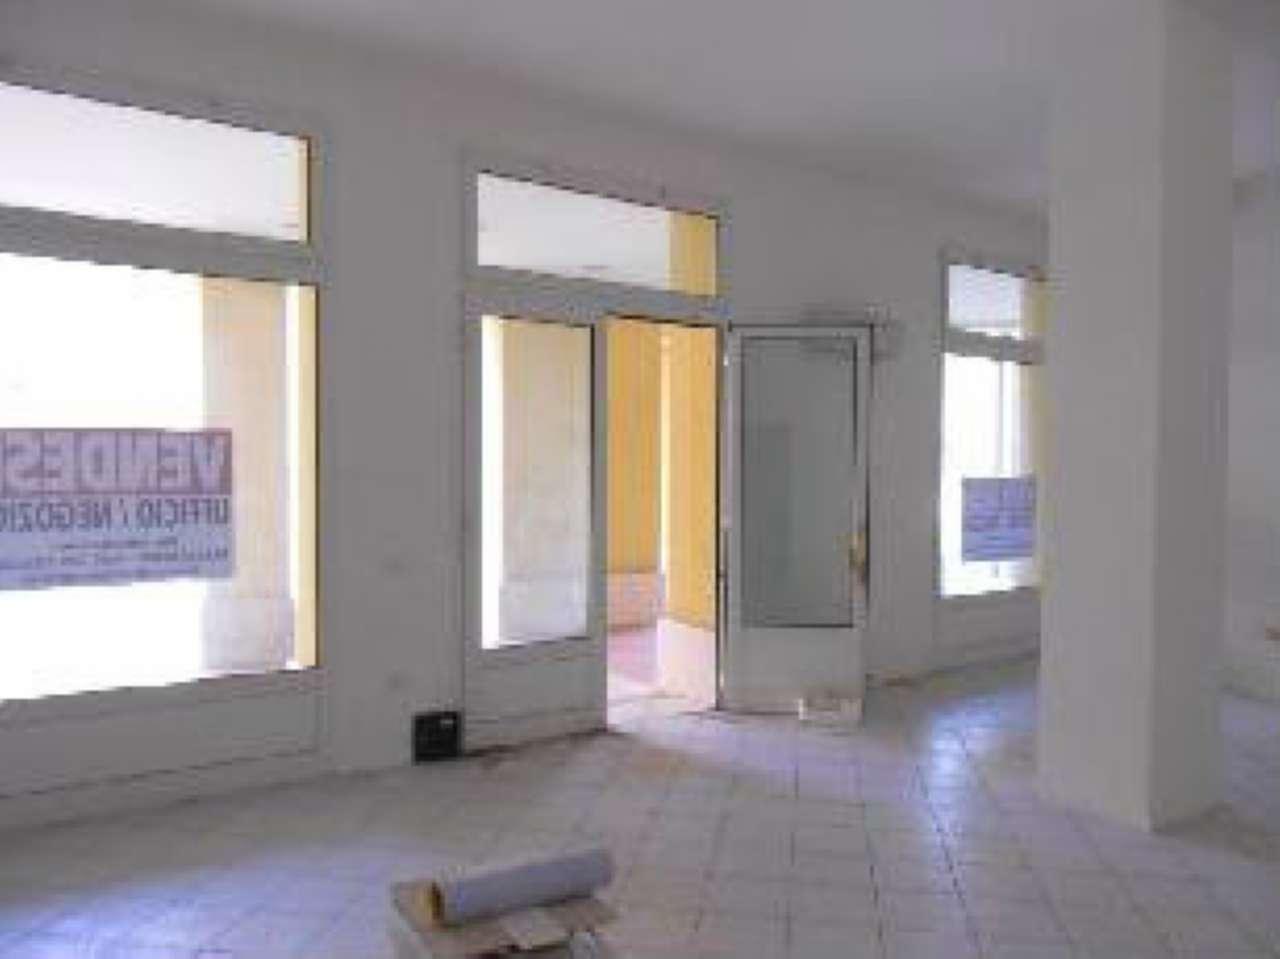 Negozio / Locale in vendita a Bologna, 1 locali, zona Zona: 17 . Borgo Panigale, prezzo € 138.000 | CambioCasa.it